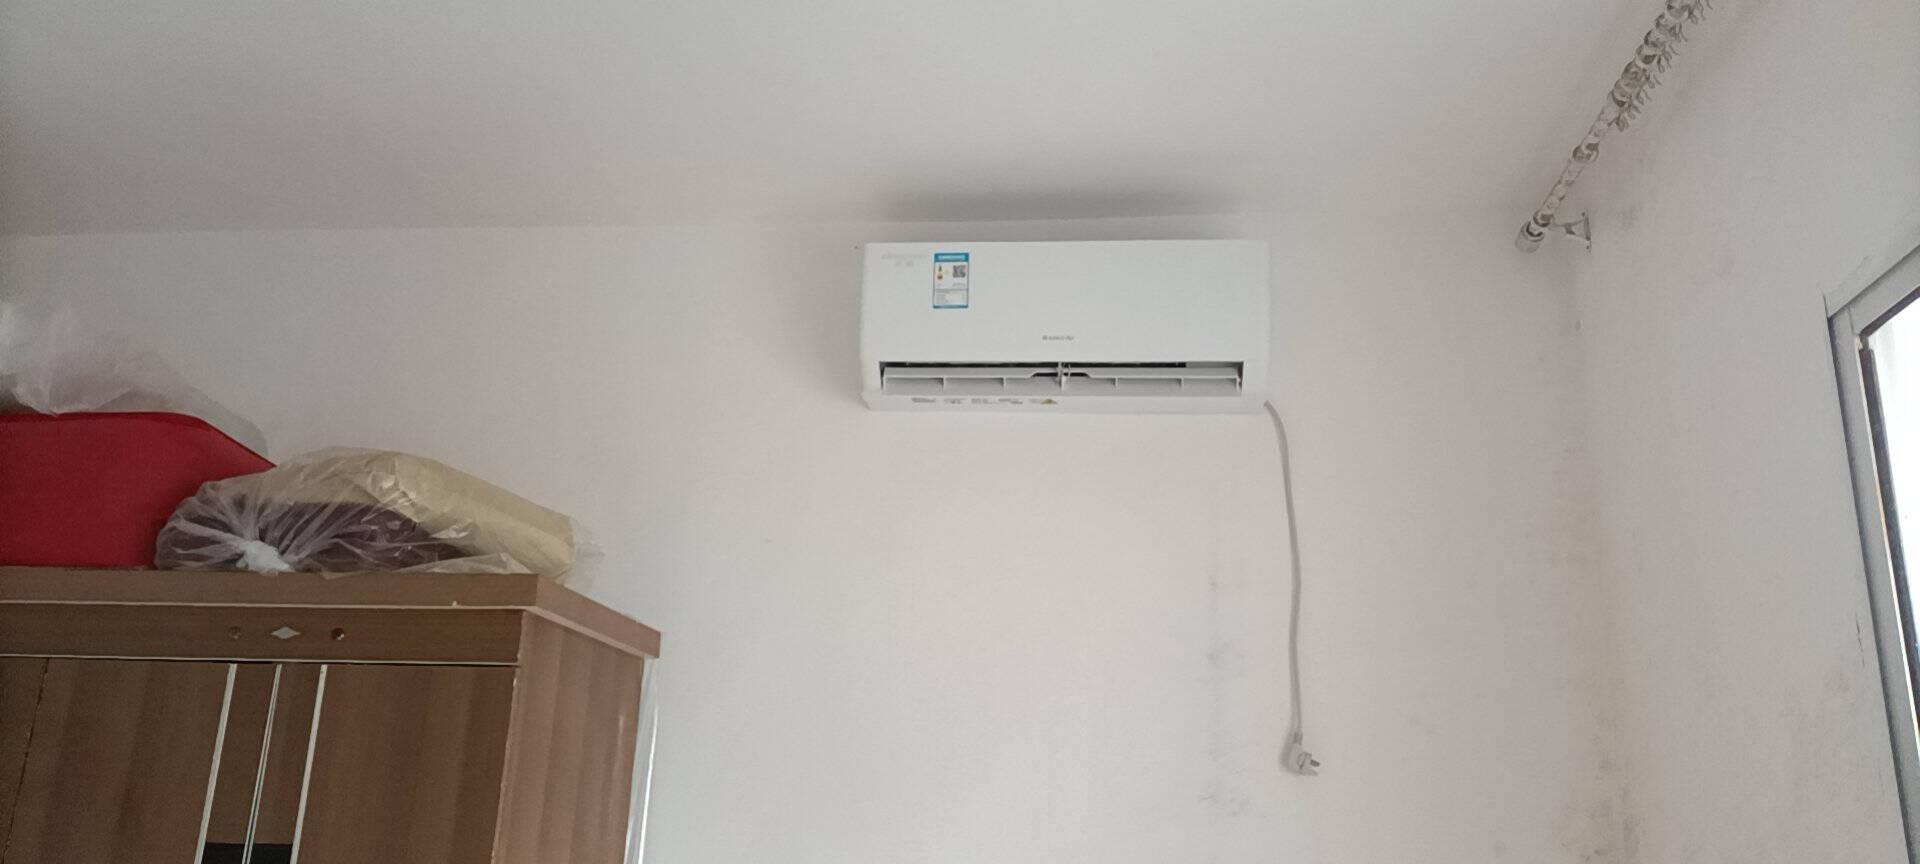 格力(GREE)大1匹天丽新能效变频冷暖自清洁壁挂式卧室空调挂机KFR-26GW/(26530)FNhAk-B3